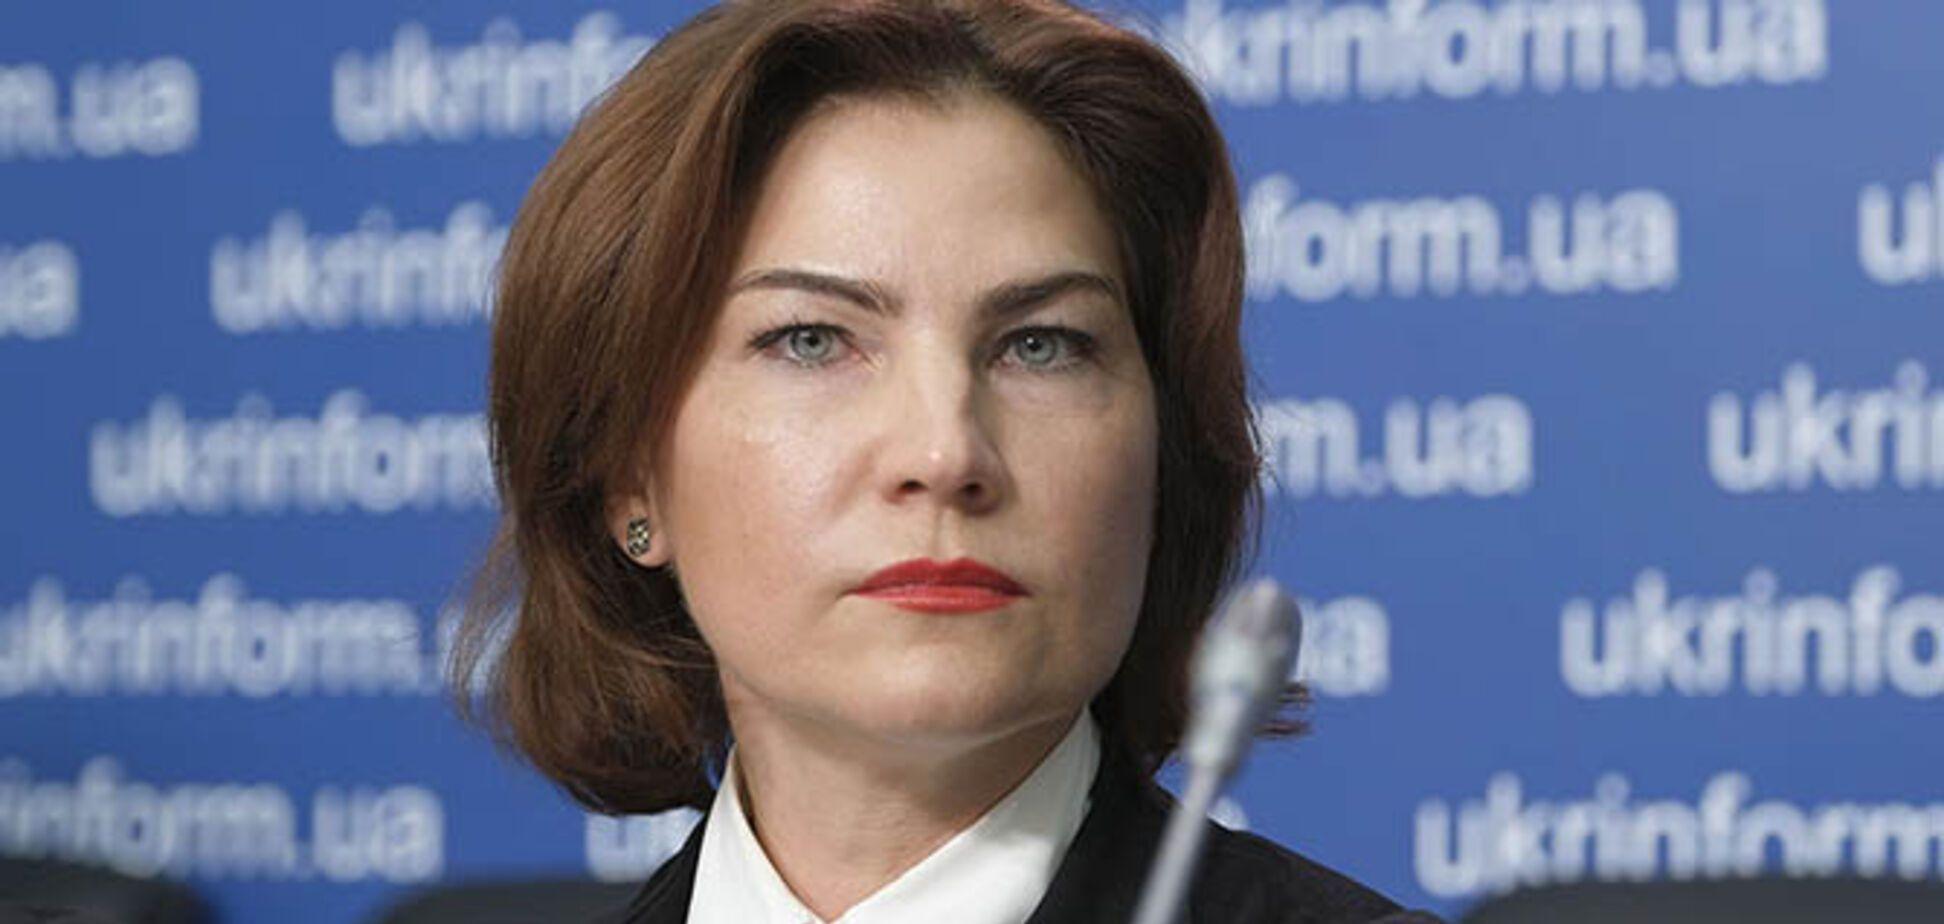 Видеообращение Венедиктовой свидетельствует о скорой ликвидации САП и НАБУ – эксперт